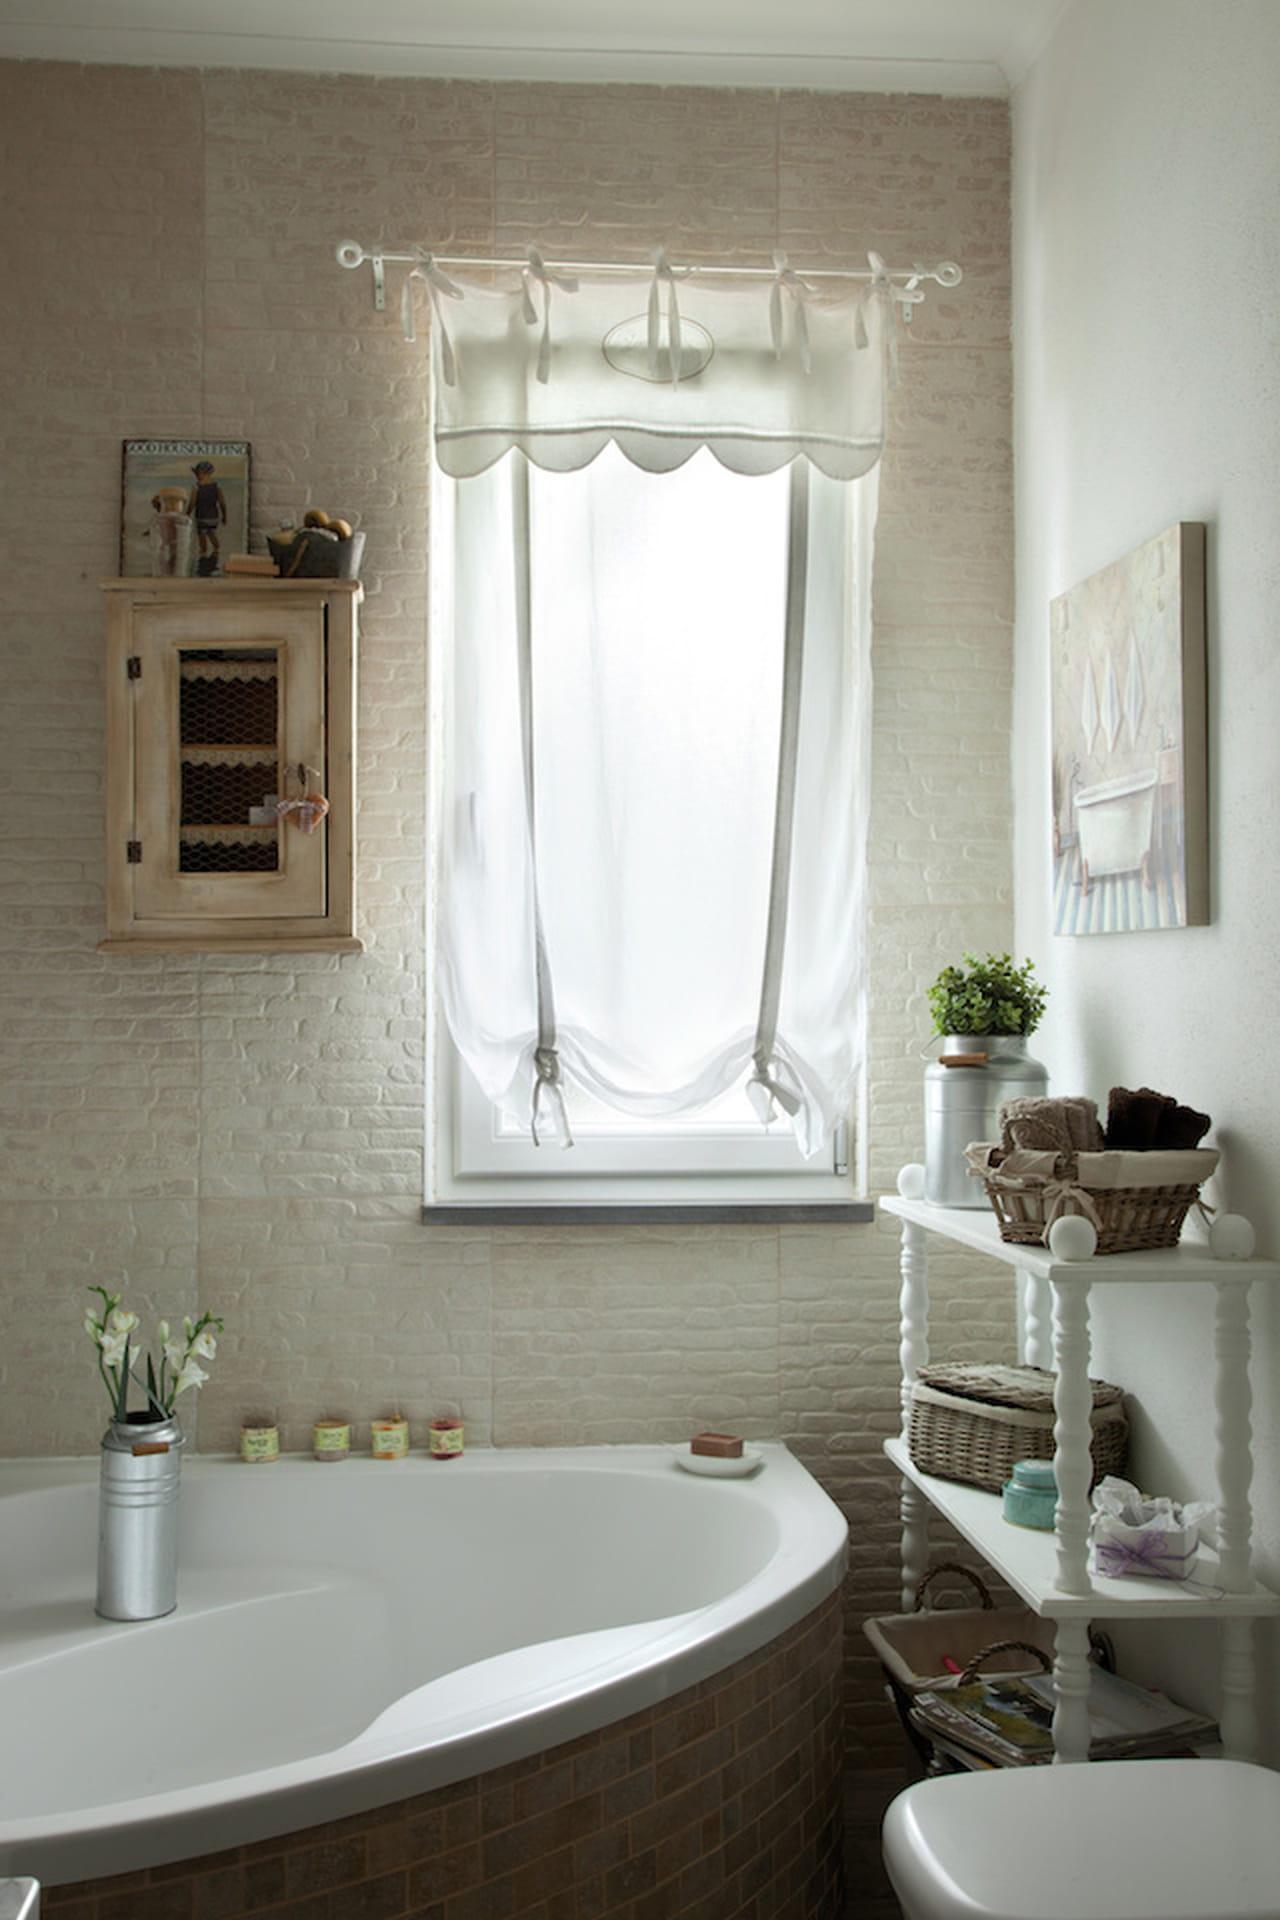 Stile provenzale naturale e chic - Bagno stile provenzale ...